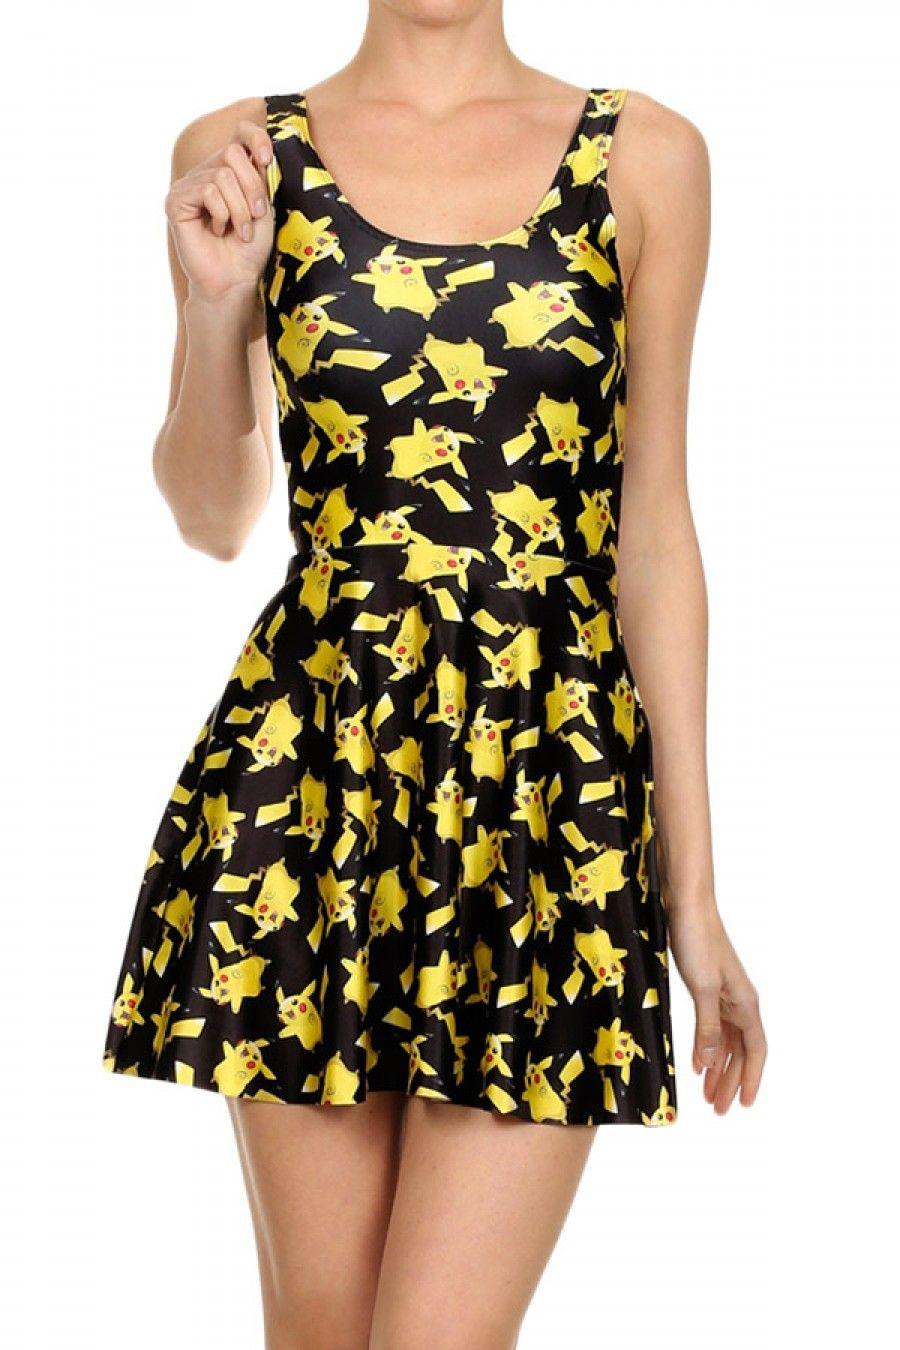 Women's Pikachu Skater Dress